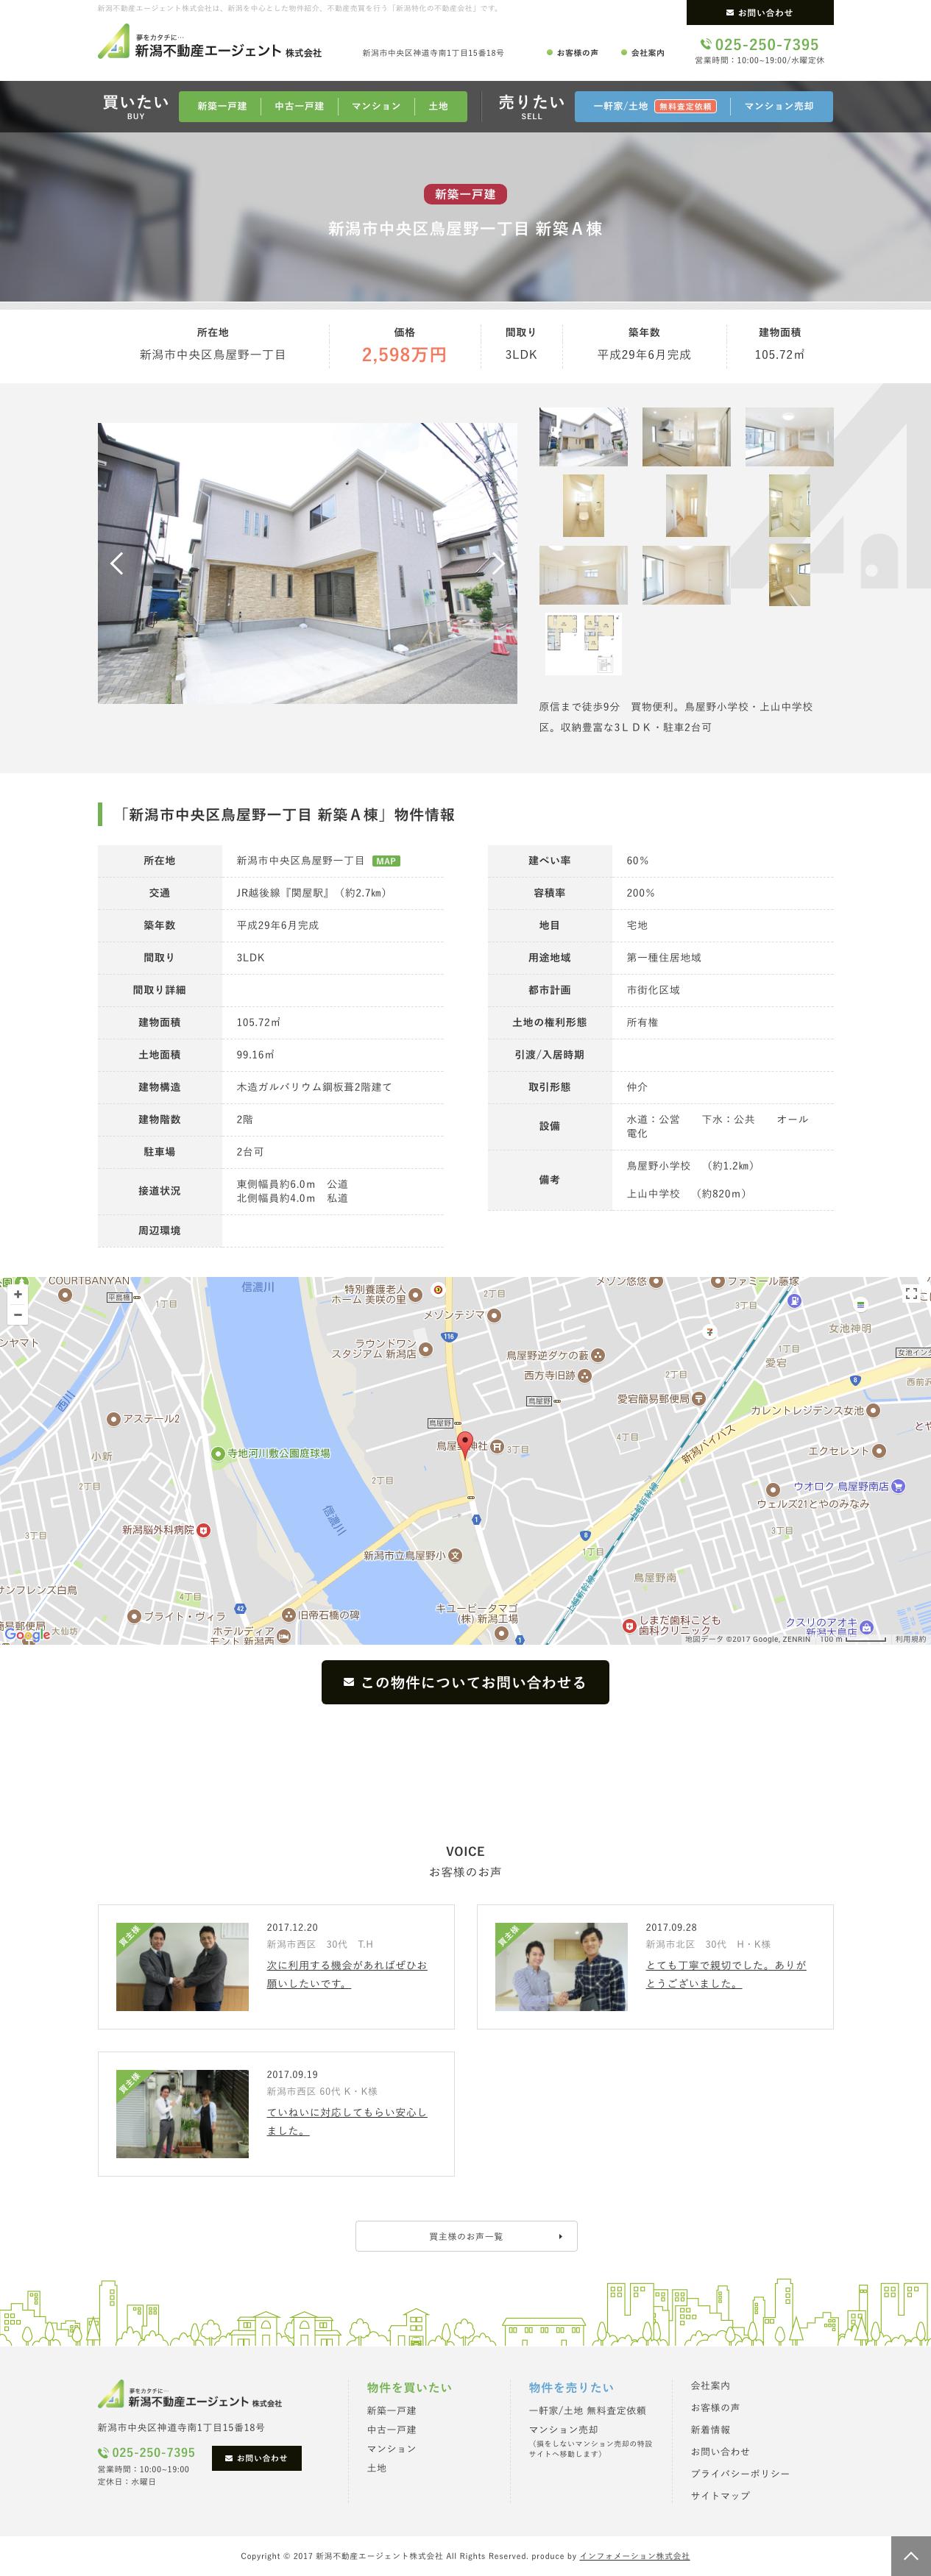 新潟不動産エージェント株式会社 様のホームページ